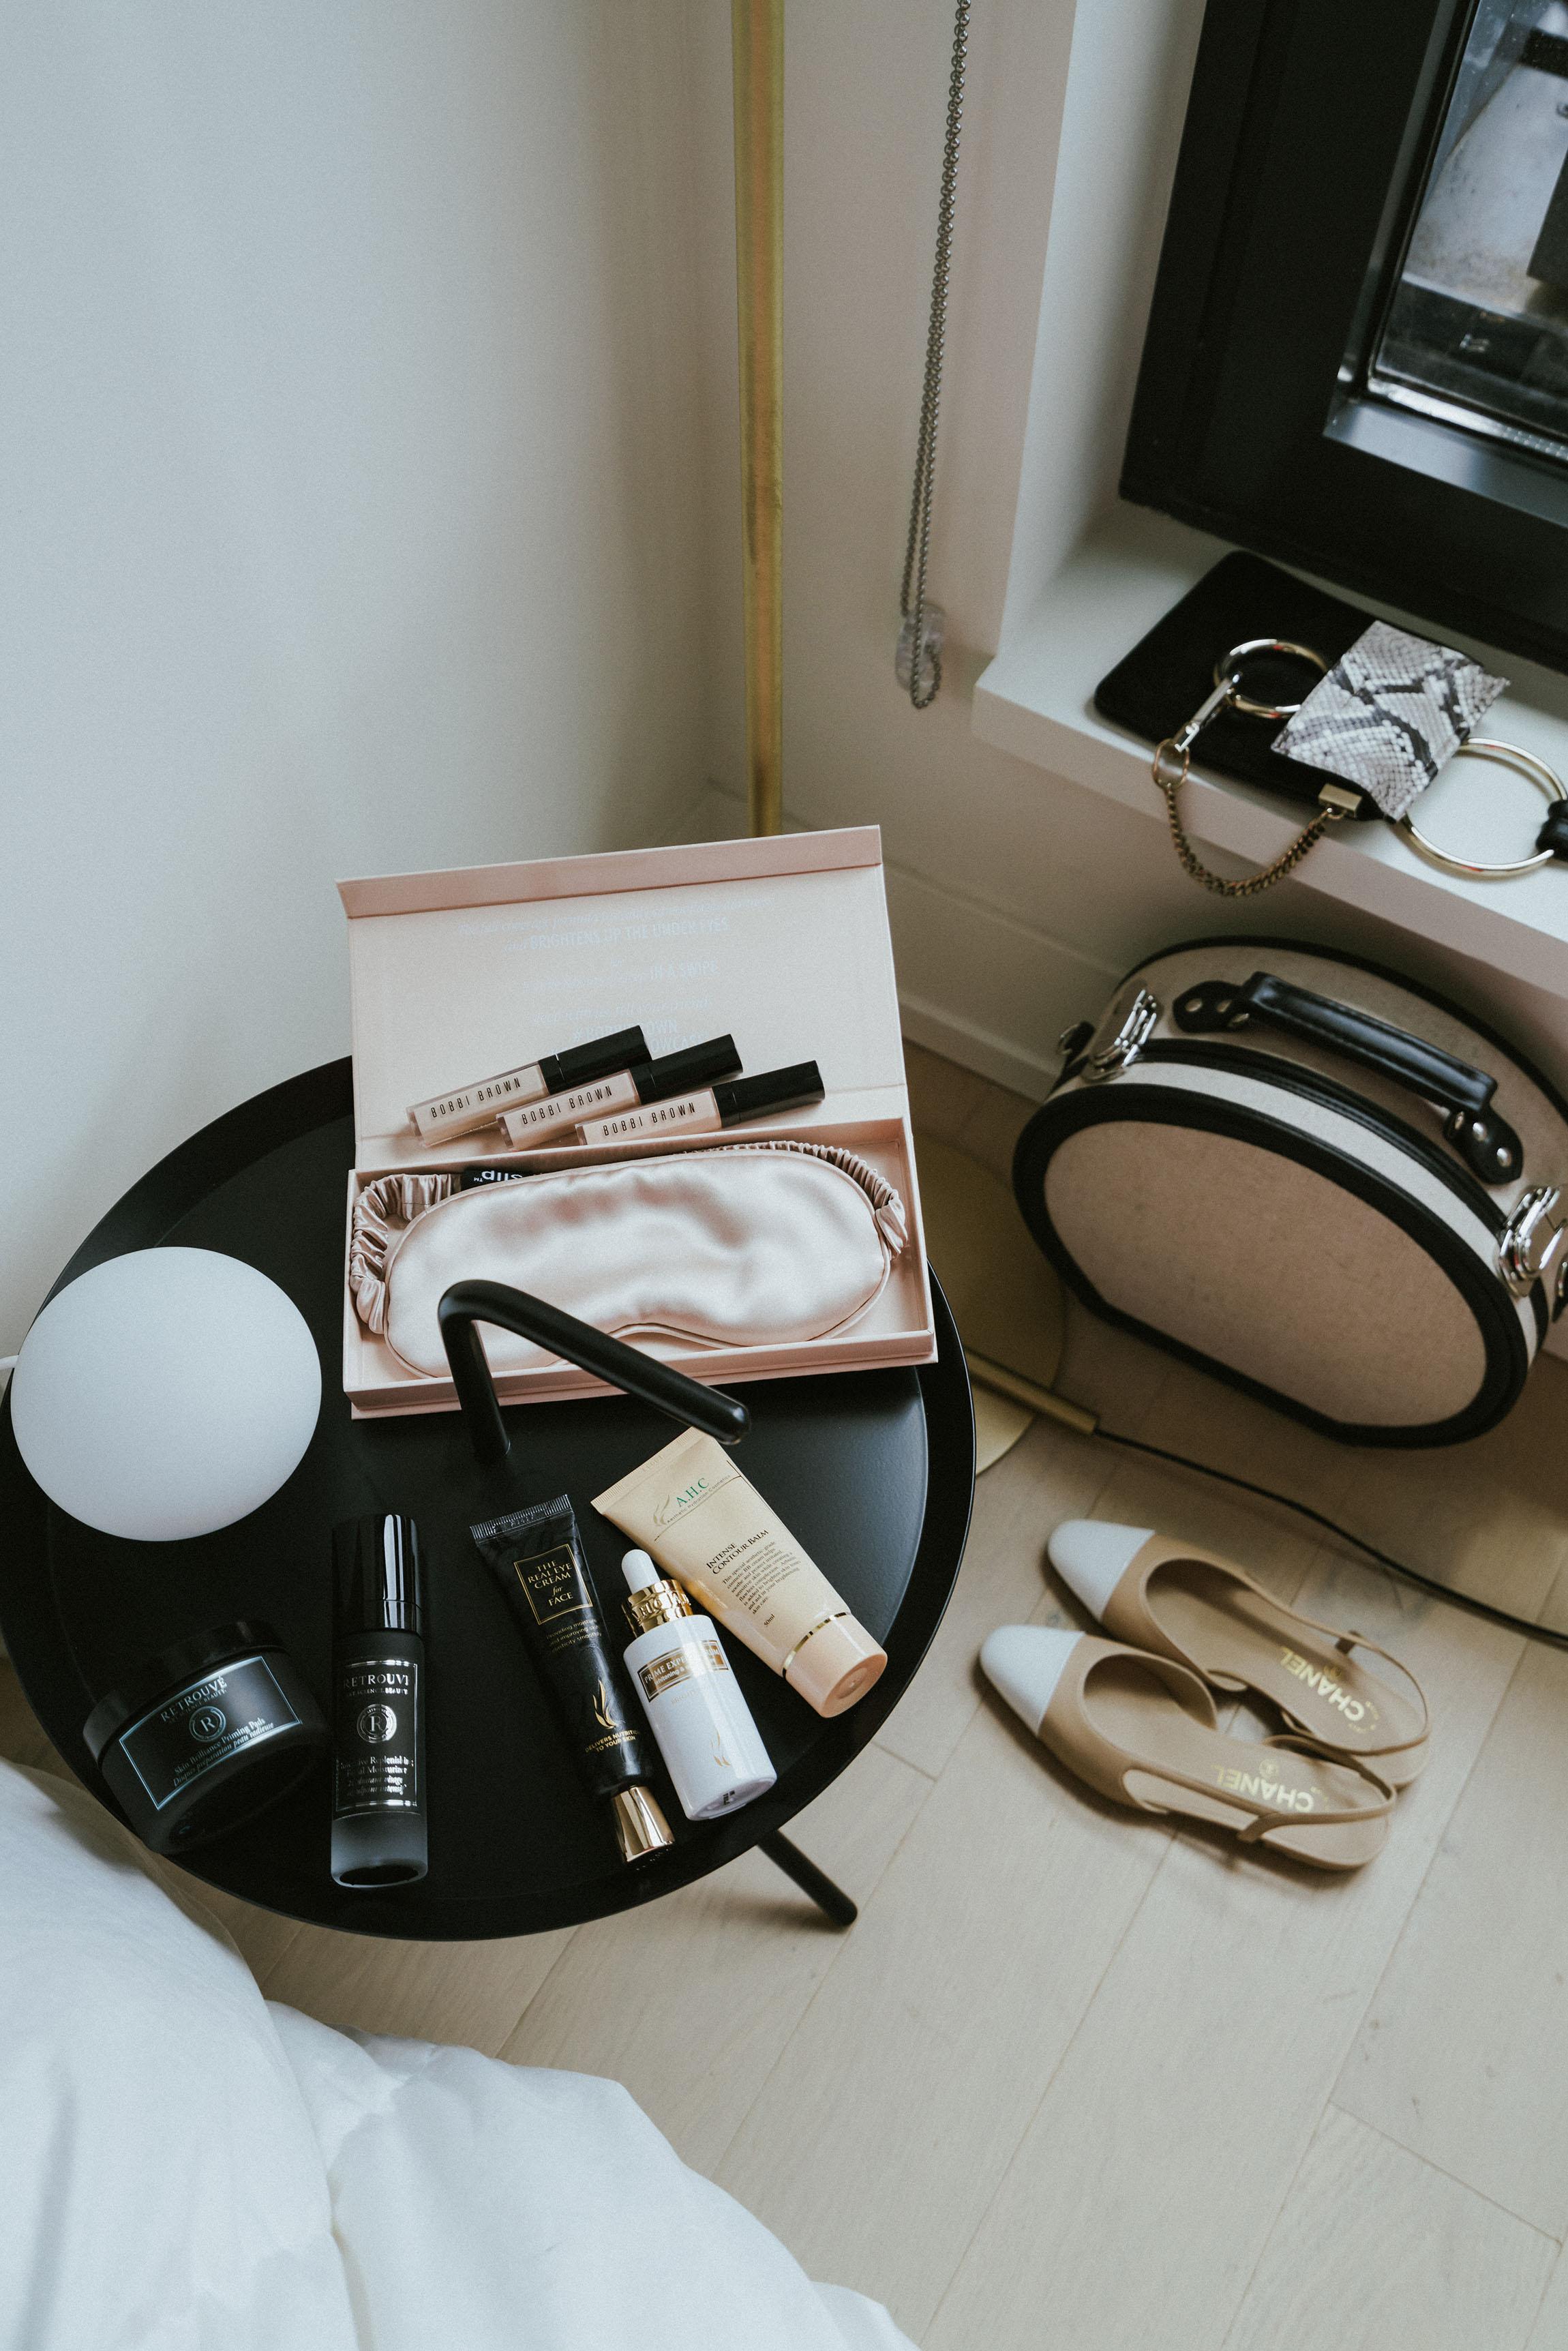 Retrouvé Skincare , A.H.C. Skincare,  Bobbi Brown Concealer ,  Slip Eye Mask , Chanel Sandals,  Steamline Luggage , Chloé Bag